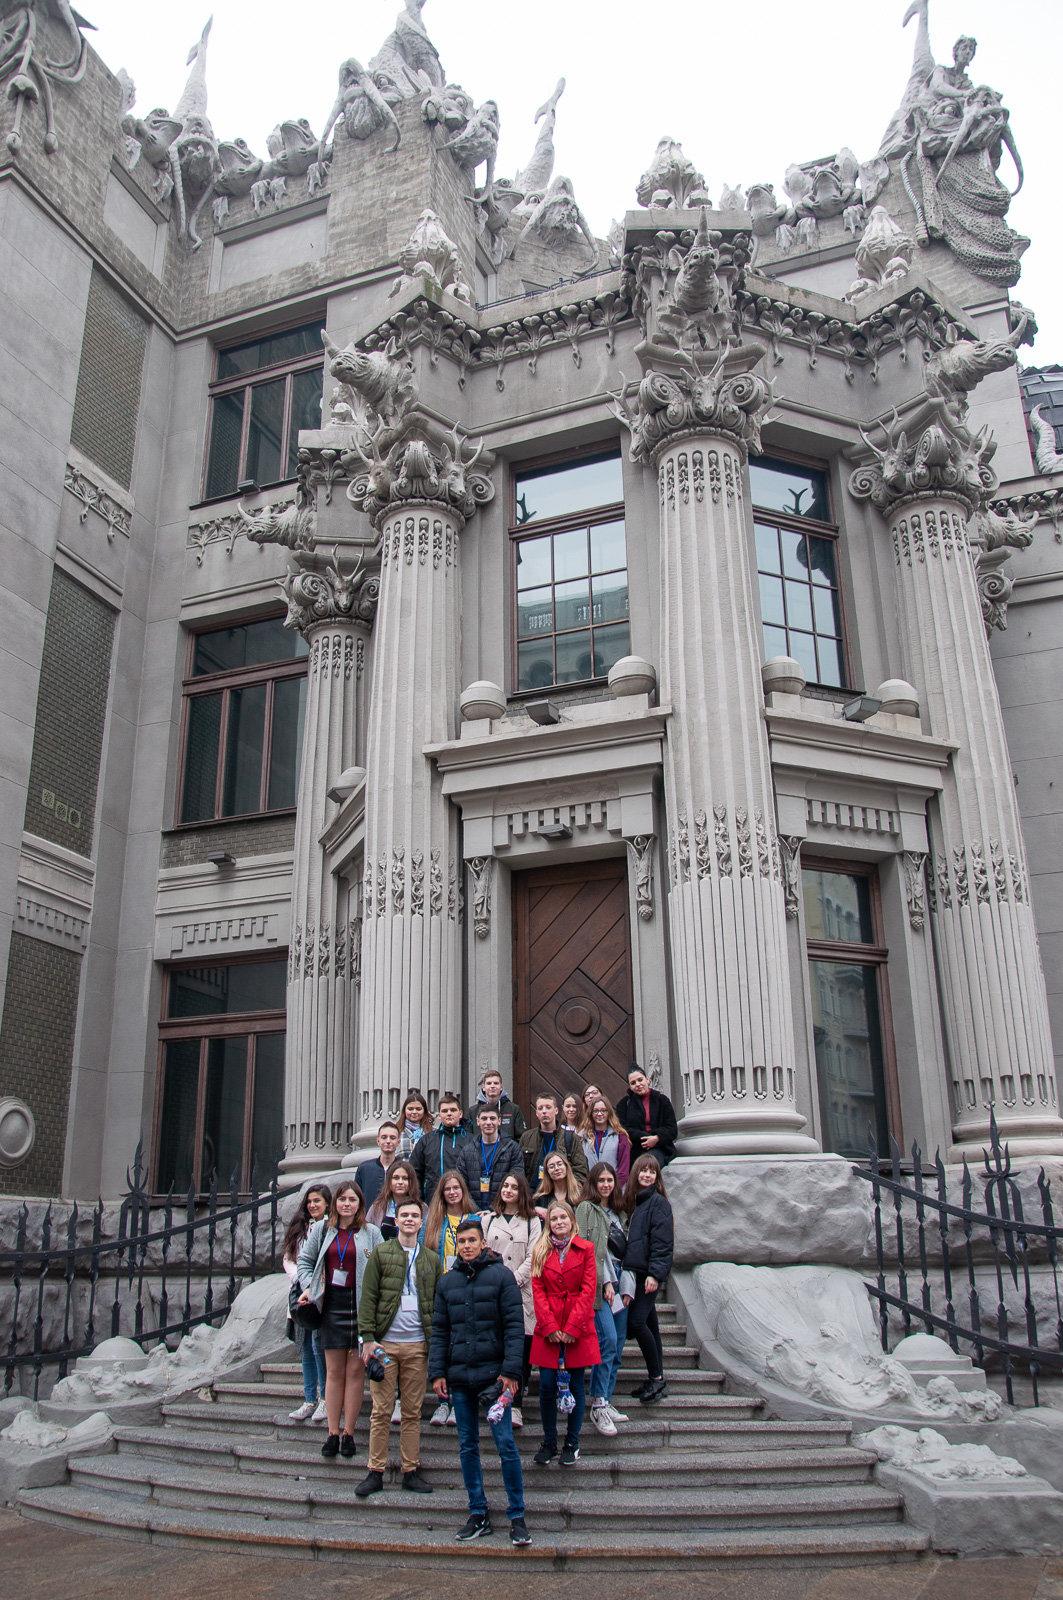 Подорож до парламенту: 20 закарпатських школярів виграли поїздку на освітню екскурсію до Верховної Ради (ВІДЕО), фото-11